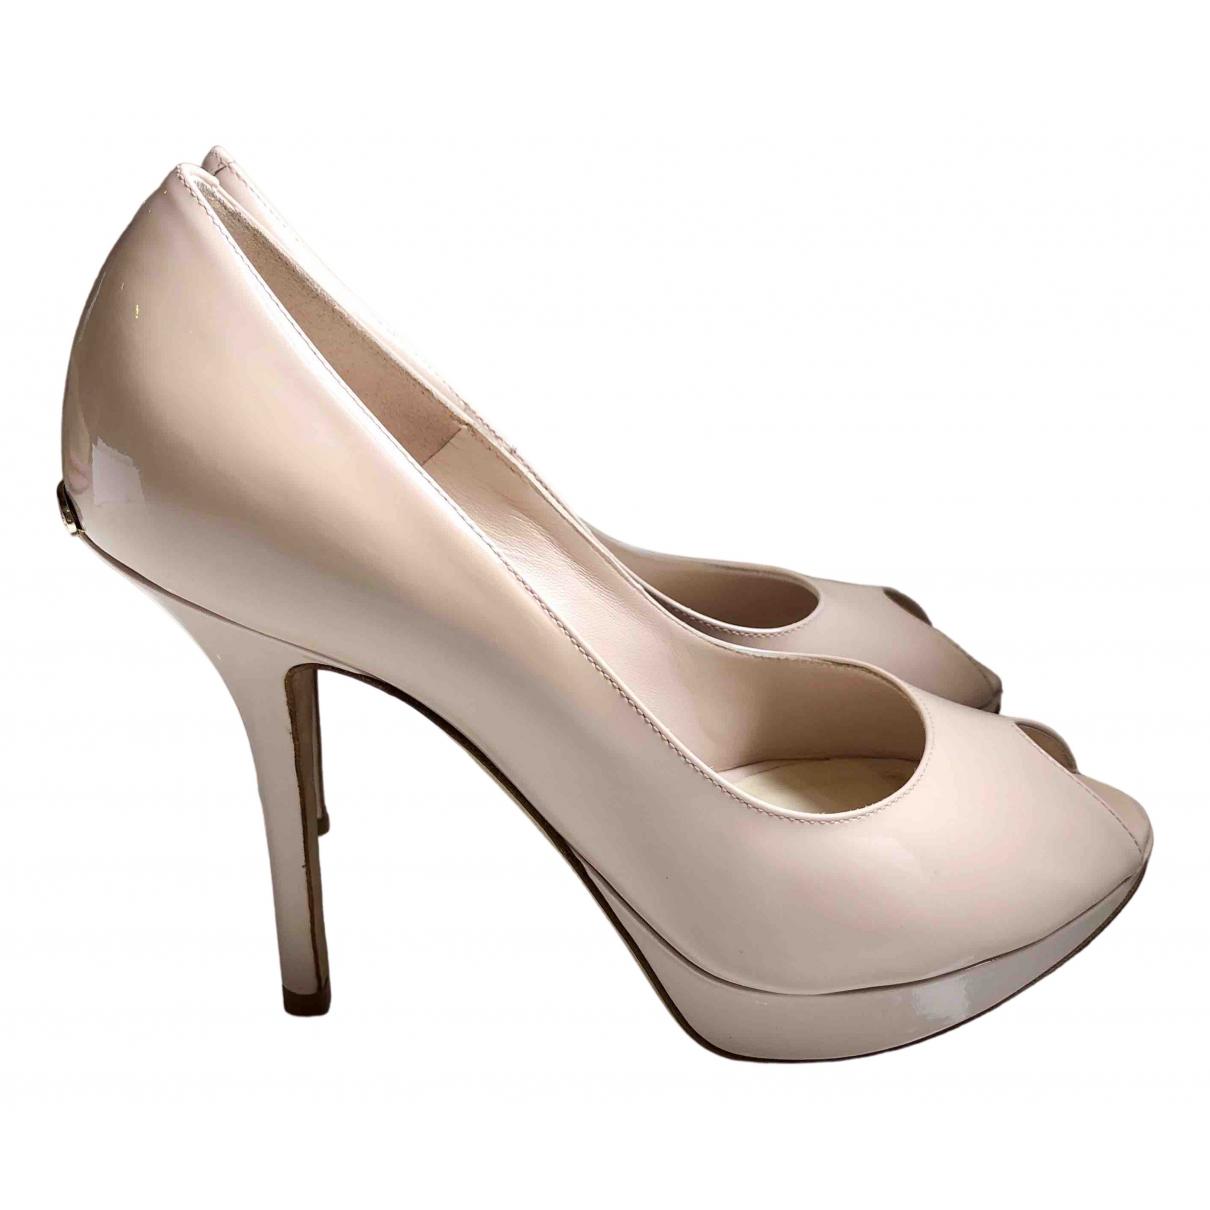 Tacones Miss Dior Peep Toes de Charol Dior